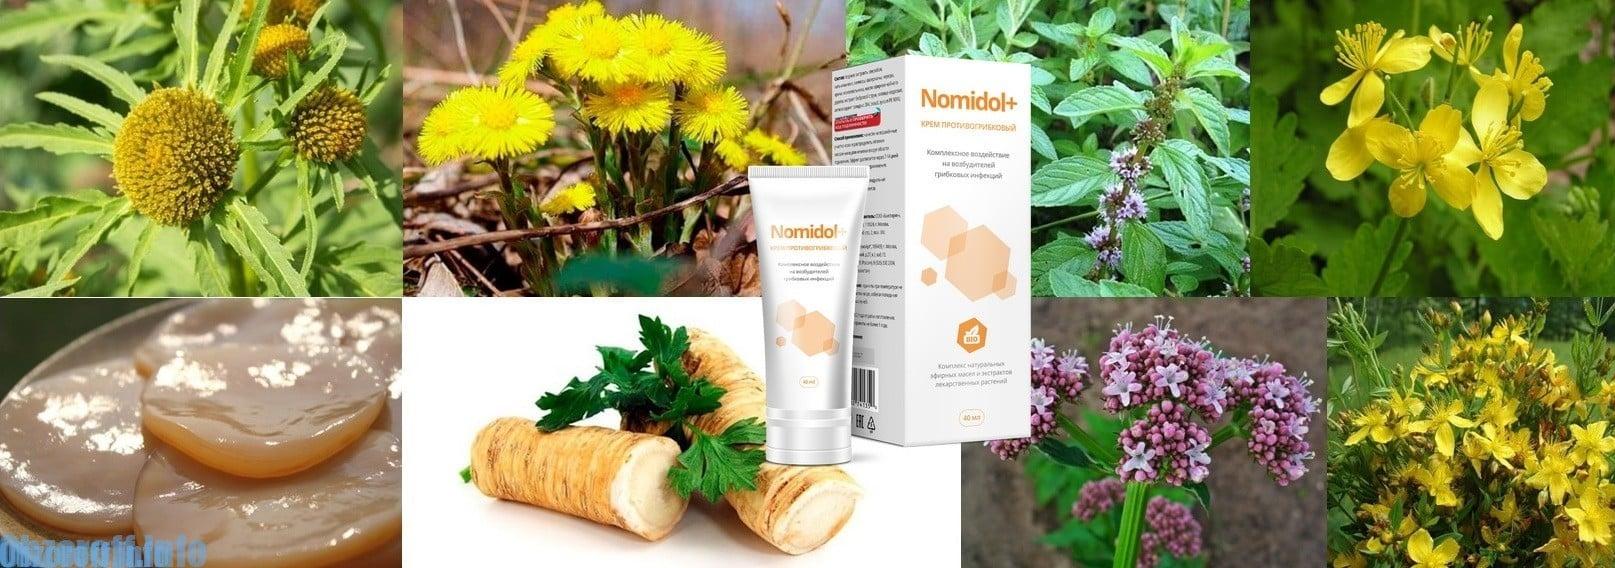 Какви са съставките на Nomidol